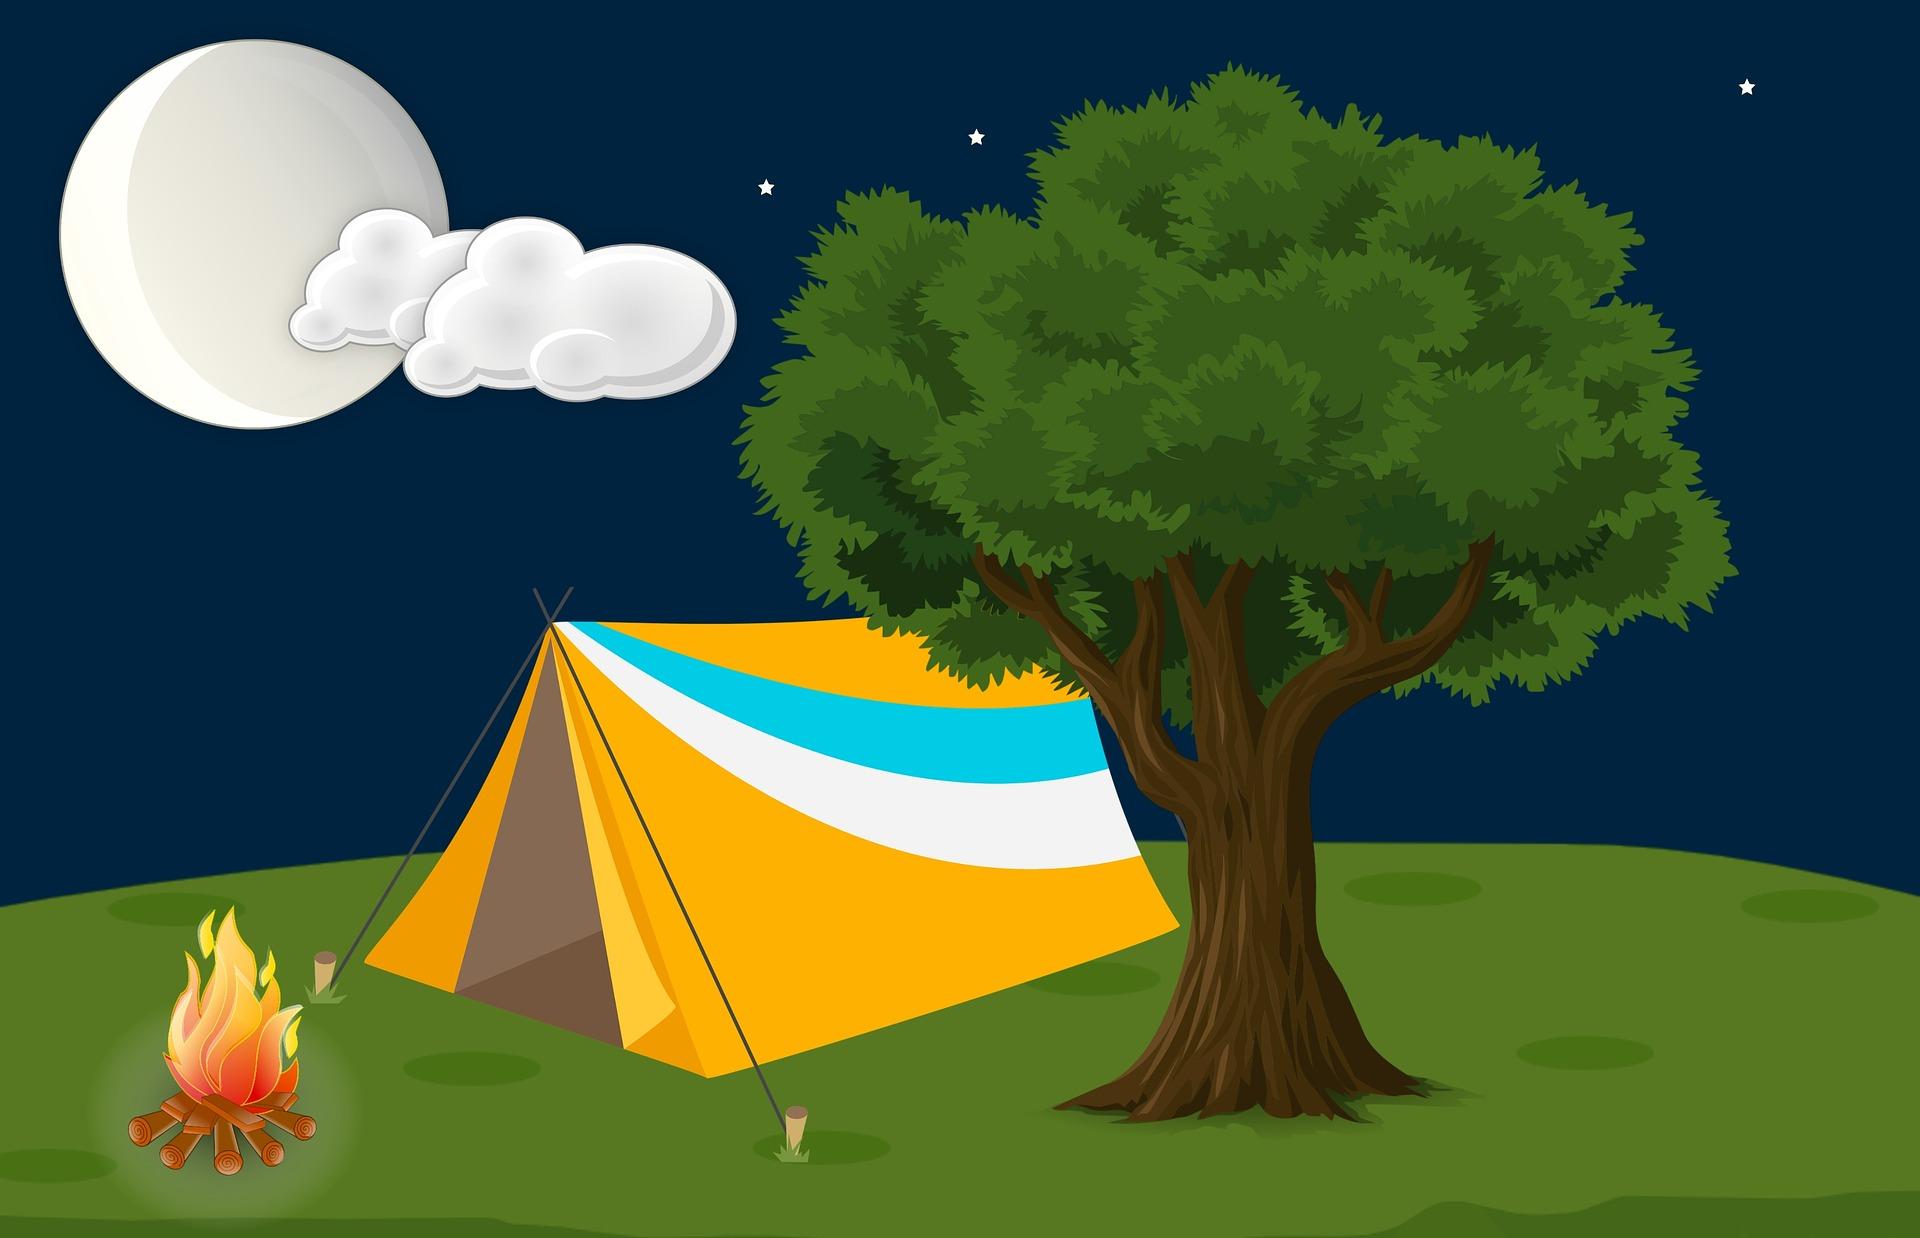 テント - キャンプの際におすすめのおもしろい娯楽、ゲーム